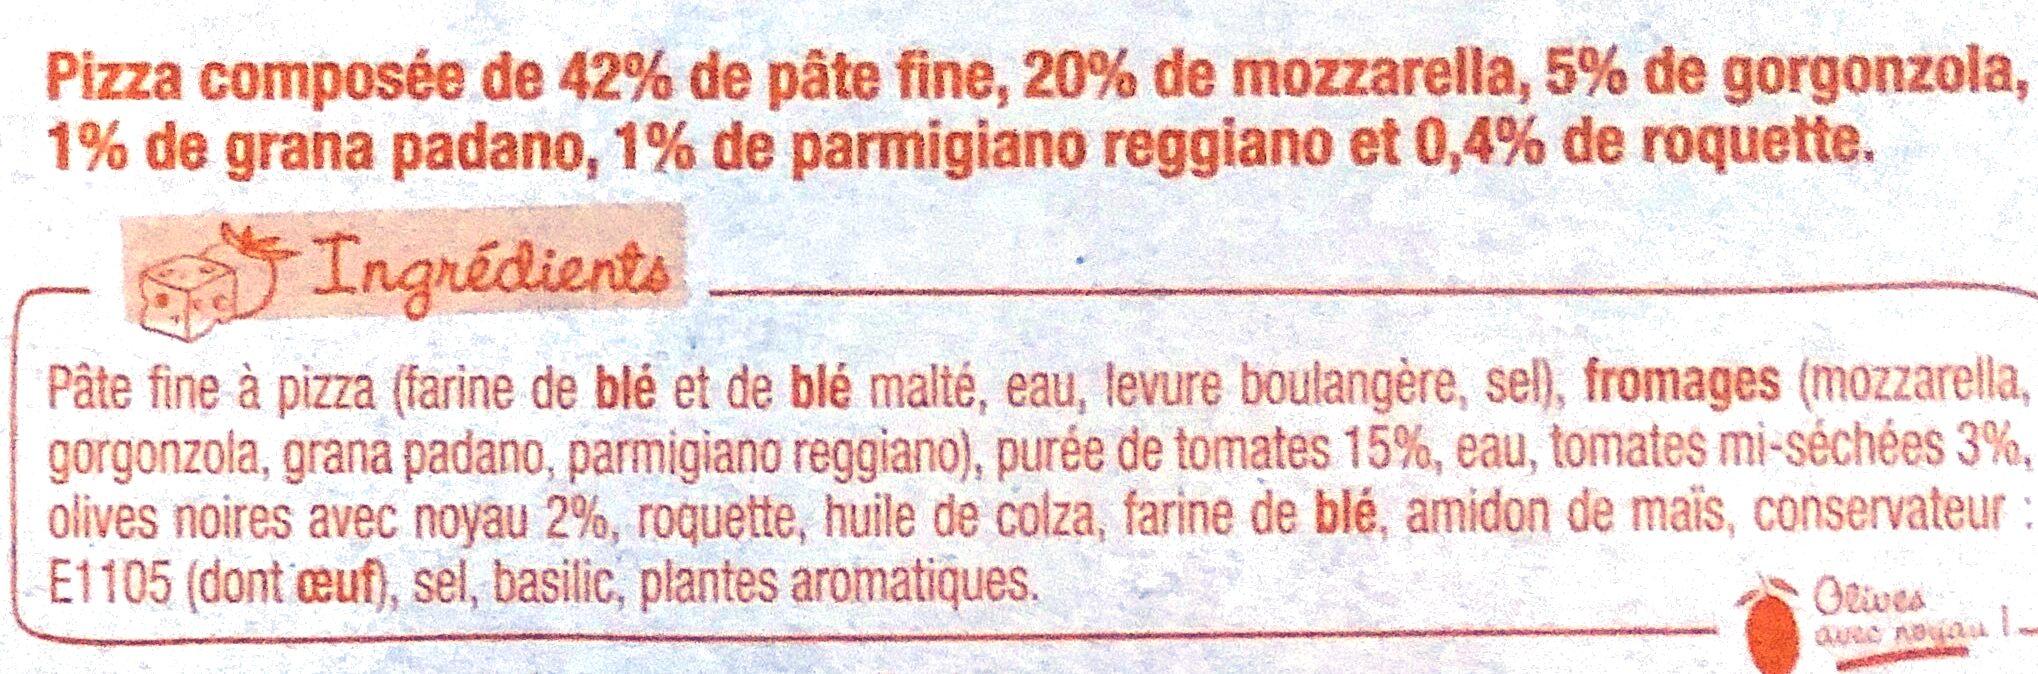 Sodebo Dolce Pizza - 4 Formaggi - Ingredienti - fr